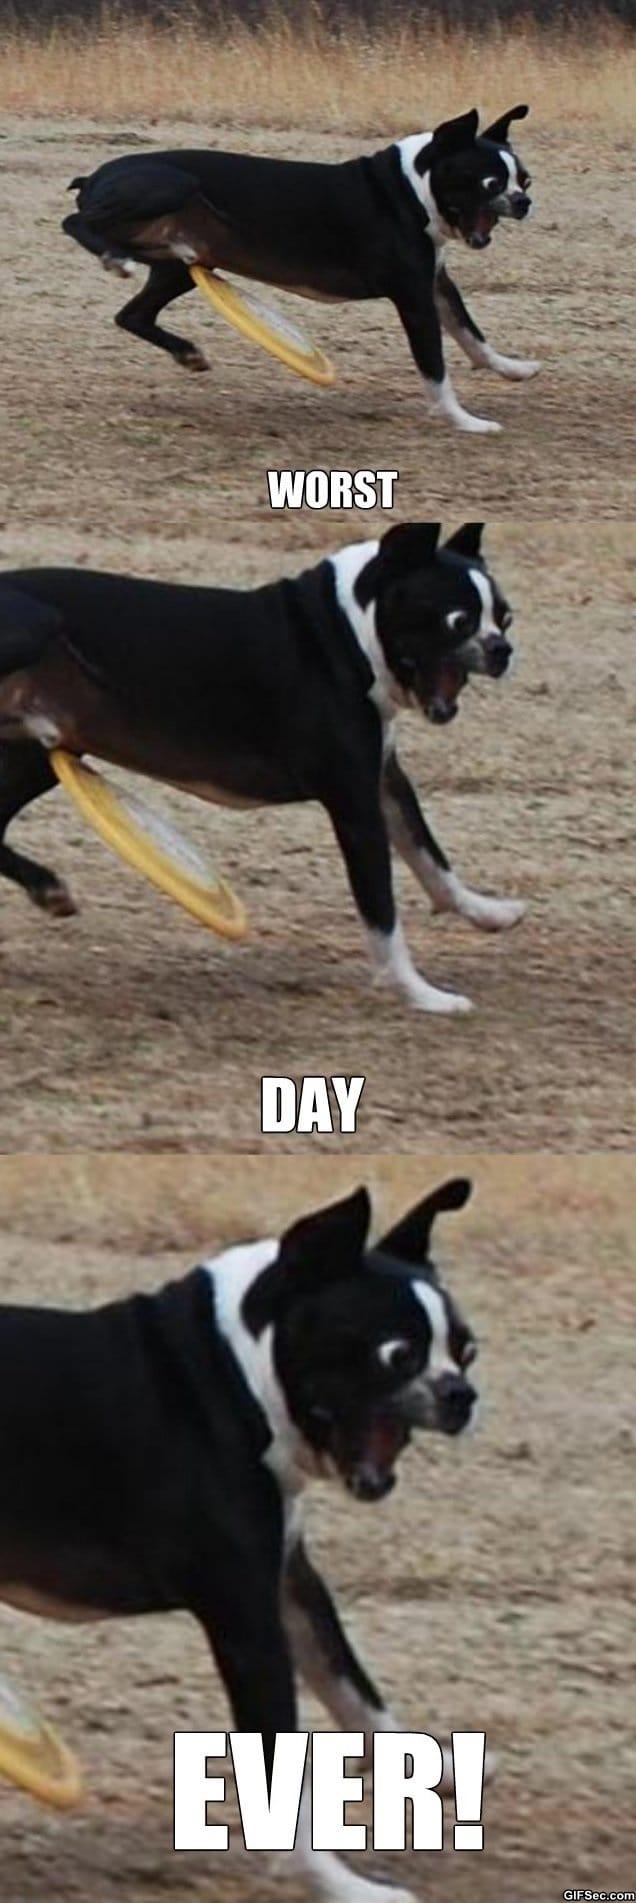 meme-bad-luck-dog